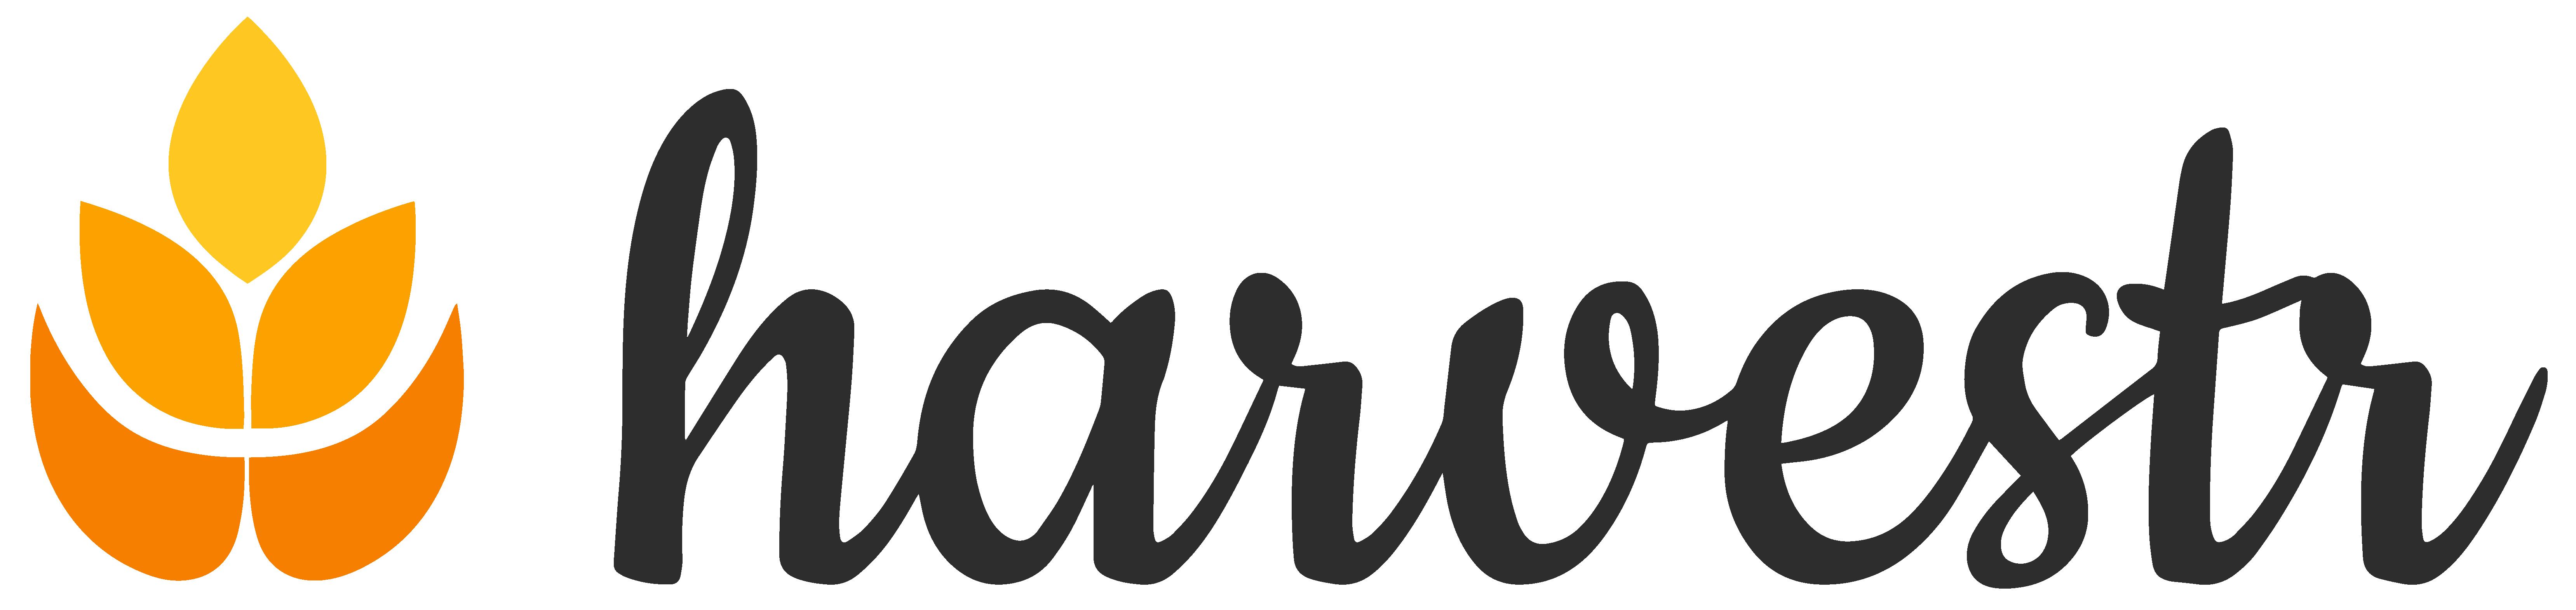 Harvestr logo